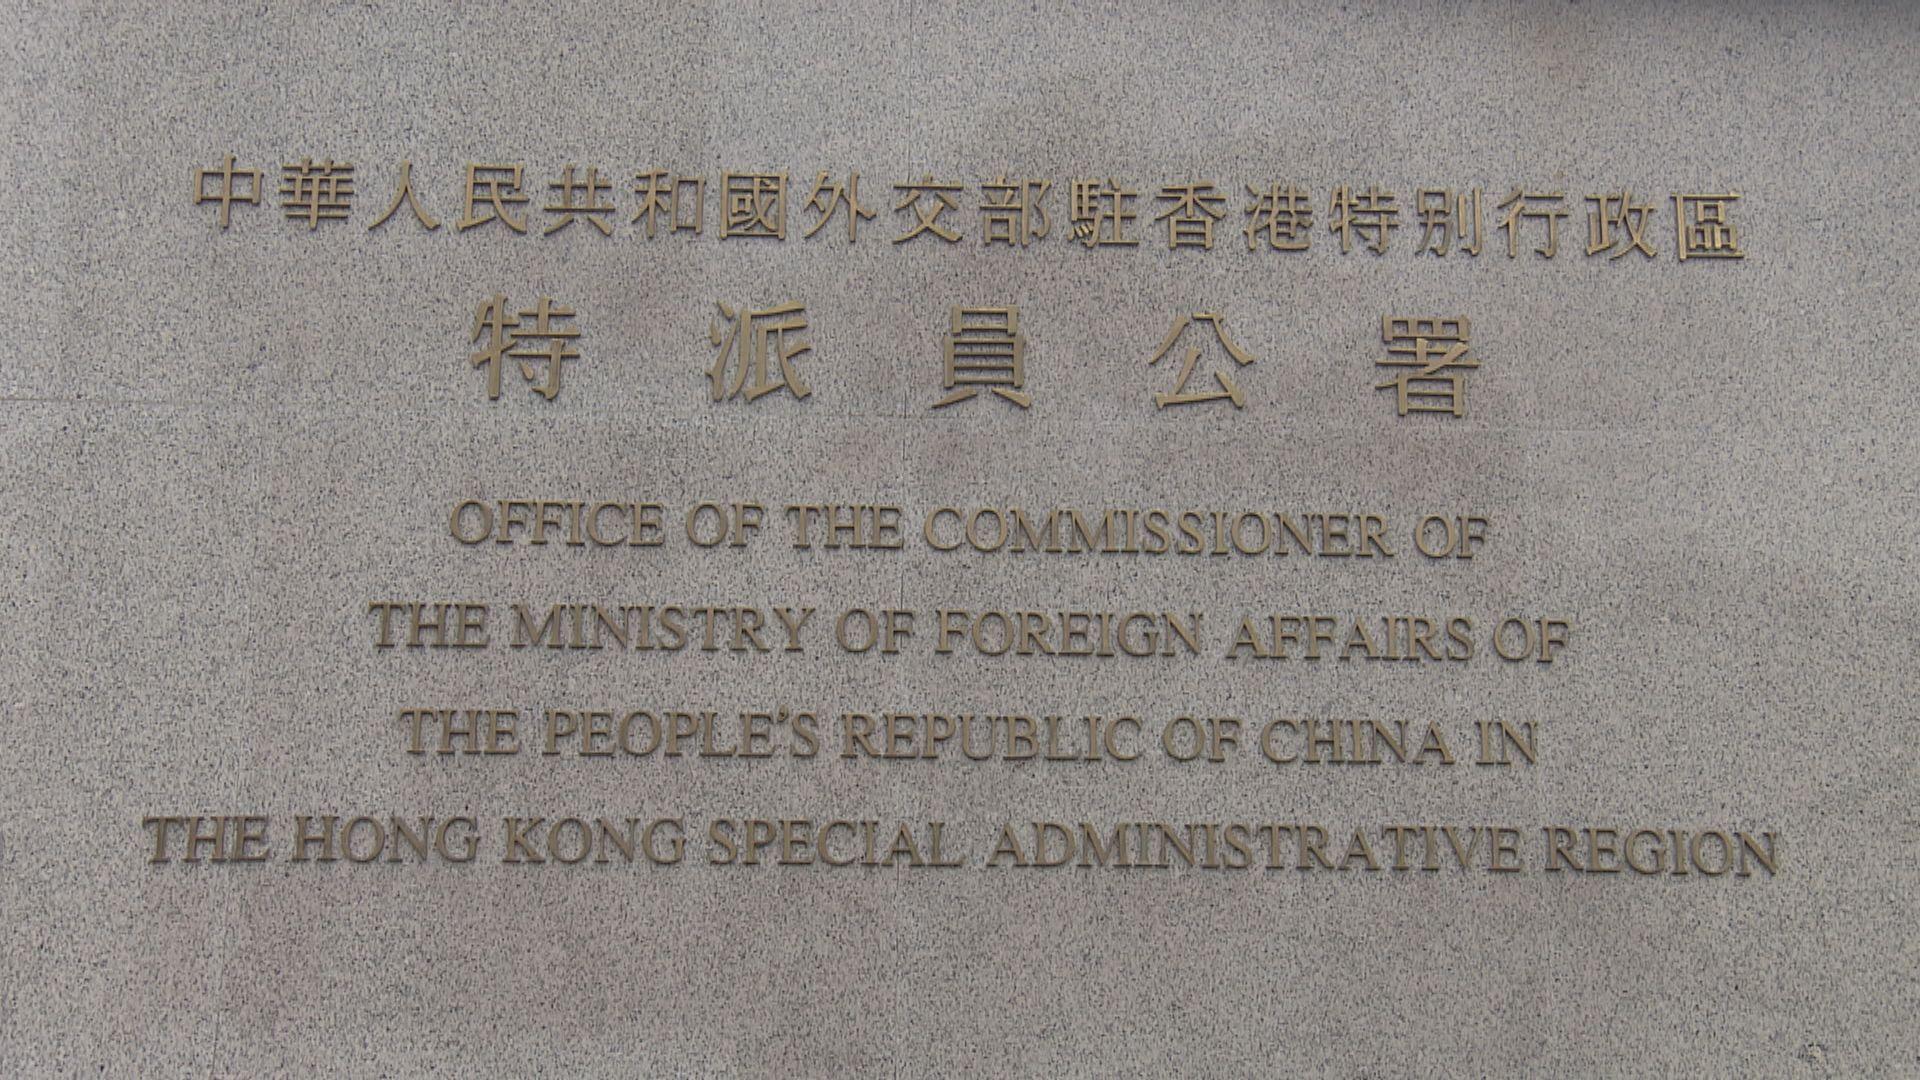 外交部駐港特派員公署譴責西方政客指責人大常委會決定